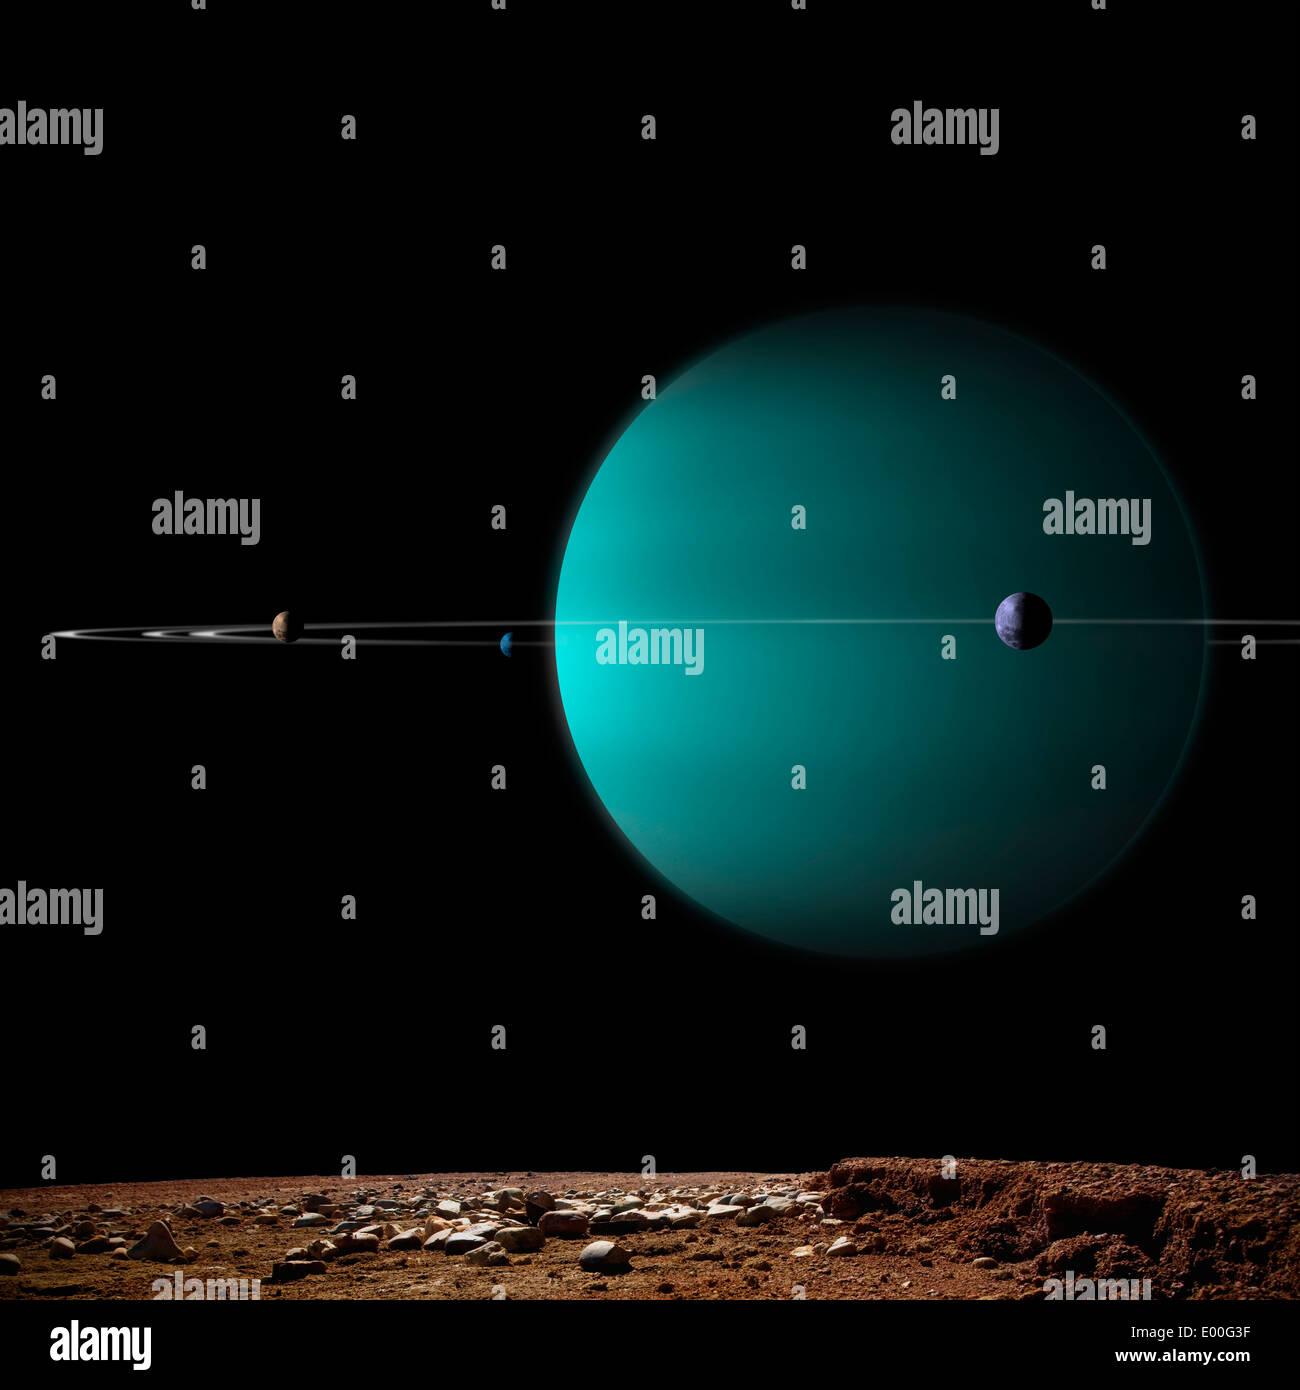 Représentation de l'artiste d'une planète géante gazeuse entourée par c'est lunes. Photo Stock